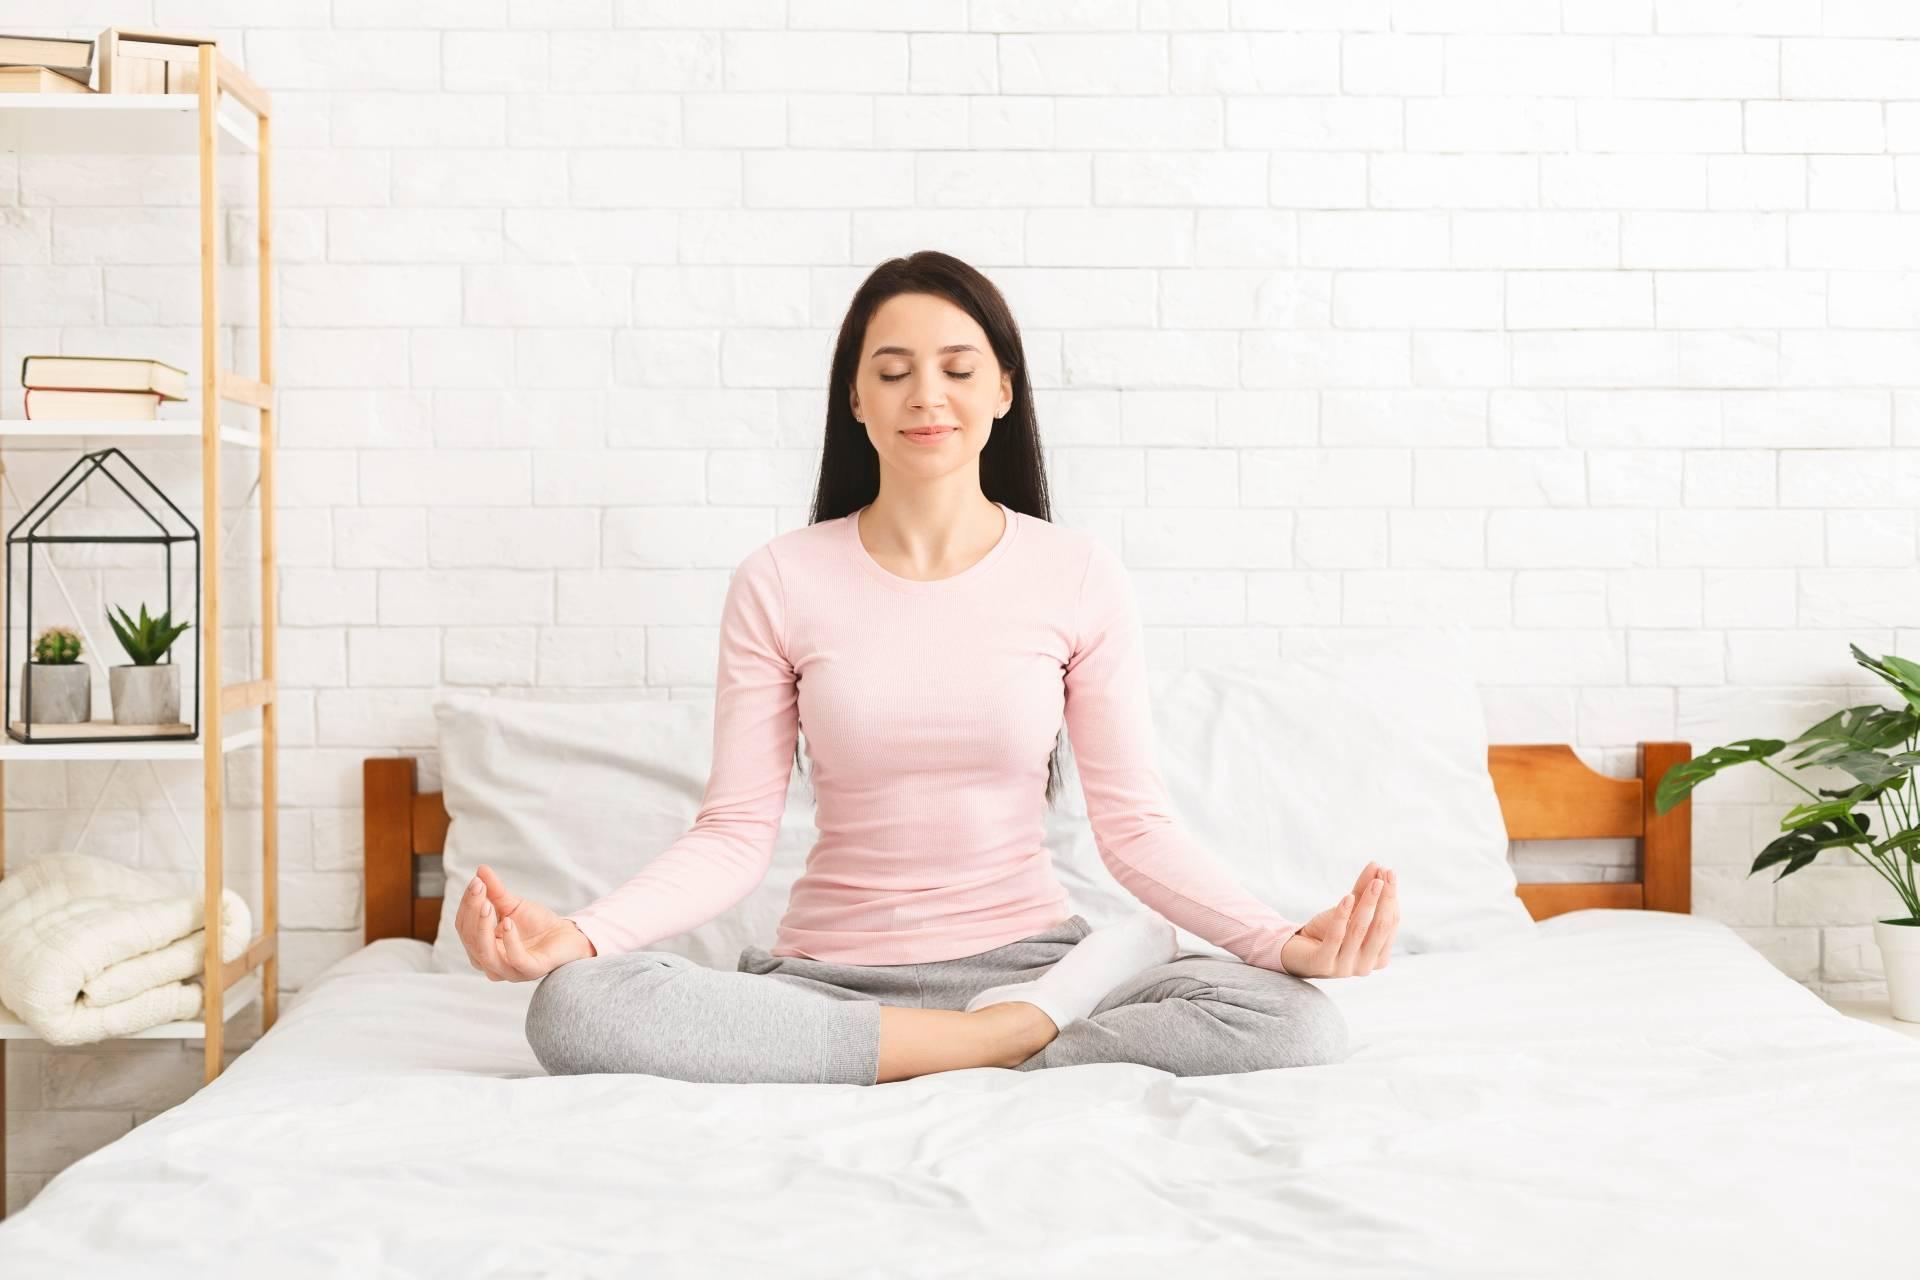 Jak medytować? Medytacja dla początkujących. Młoda kobieta siedzi na łóżku i sypialni w pozycji kwiatu lotosu i medytuje.